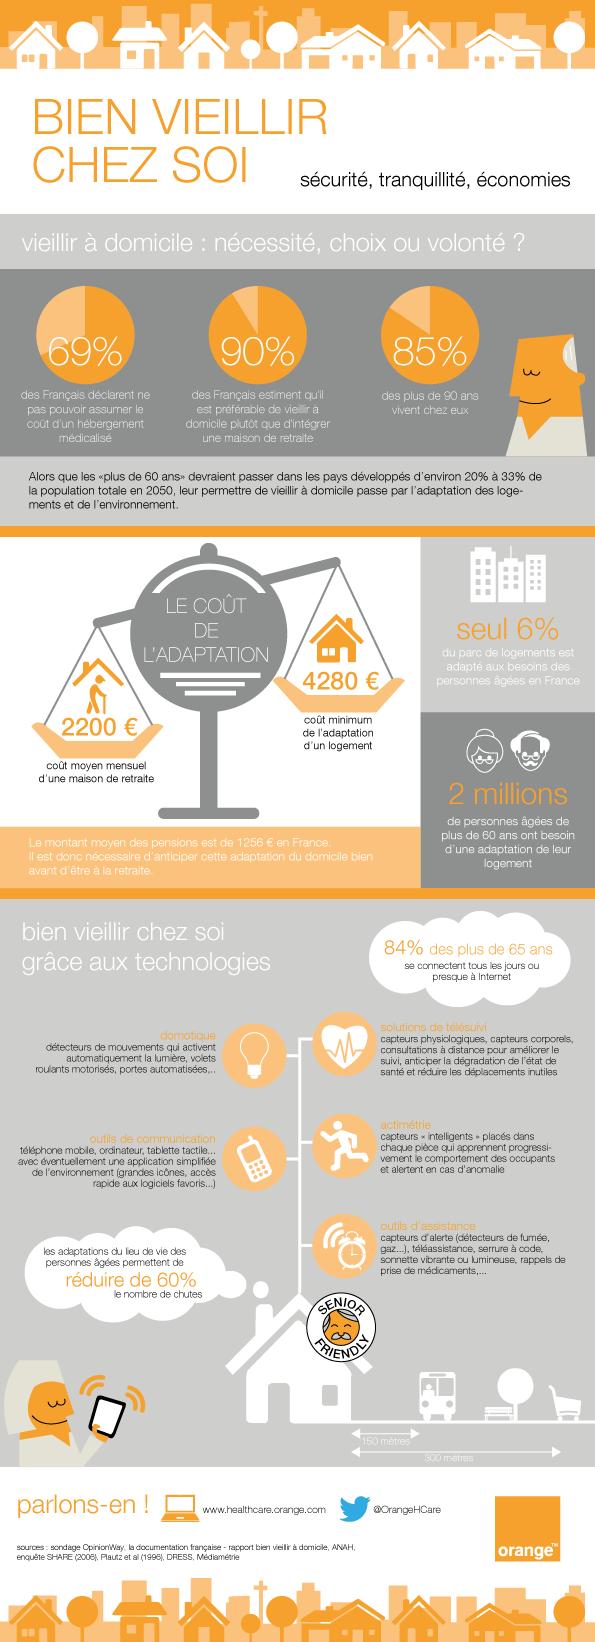 infographie-bien-vieillir-chez-soi-orange-healthcare-vfr-01